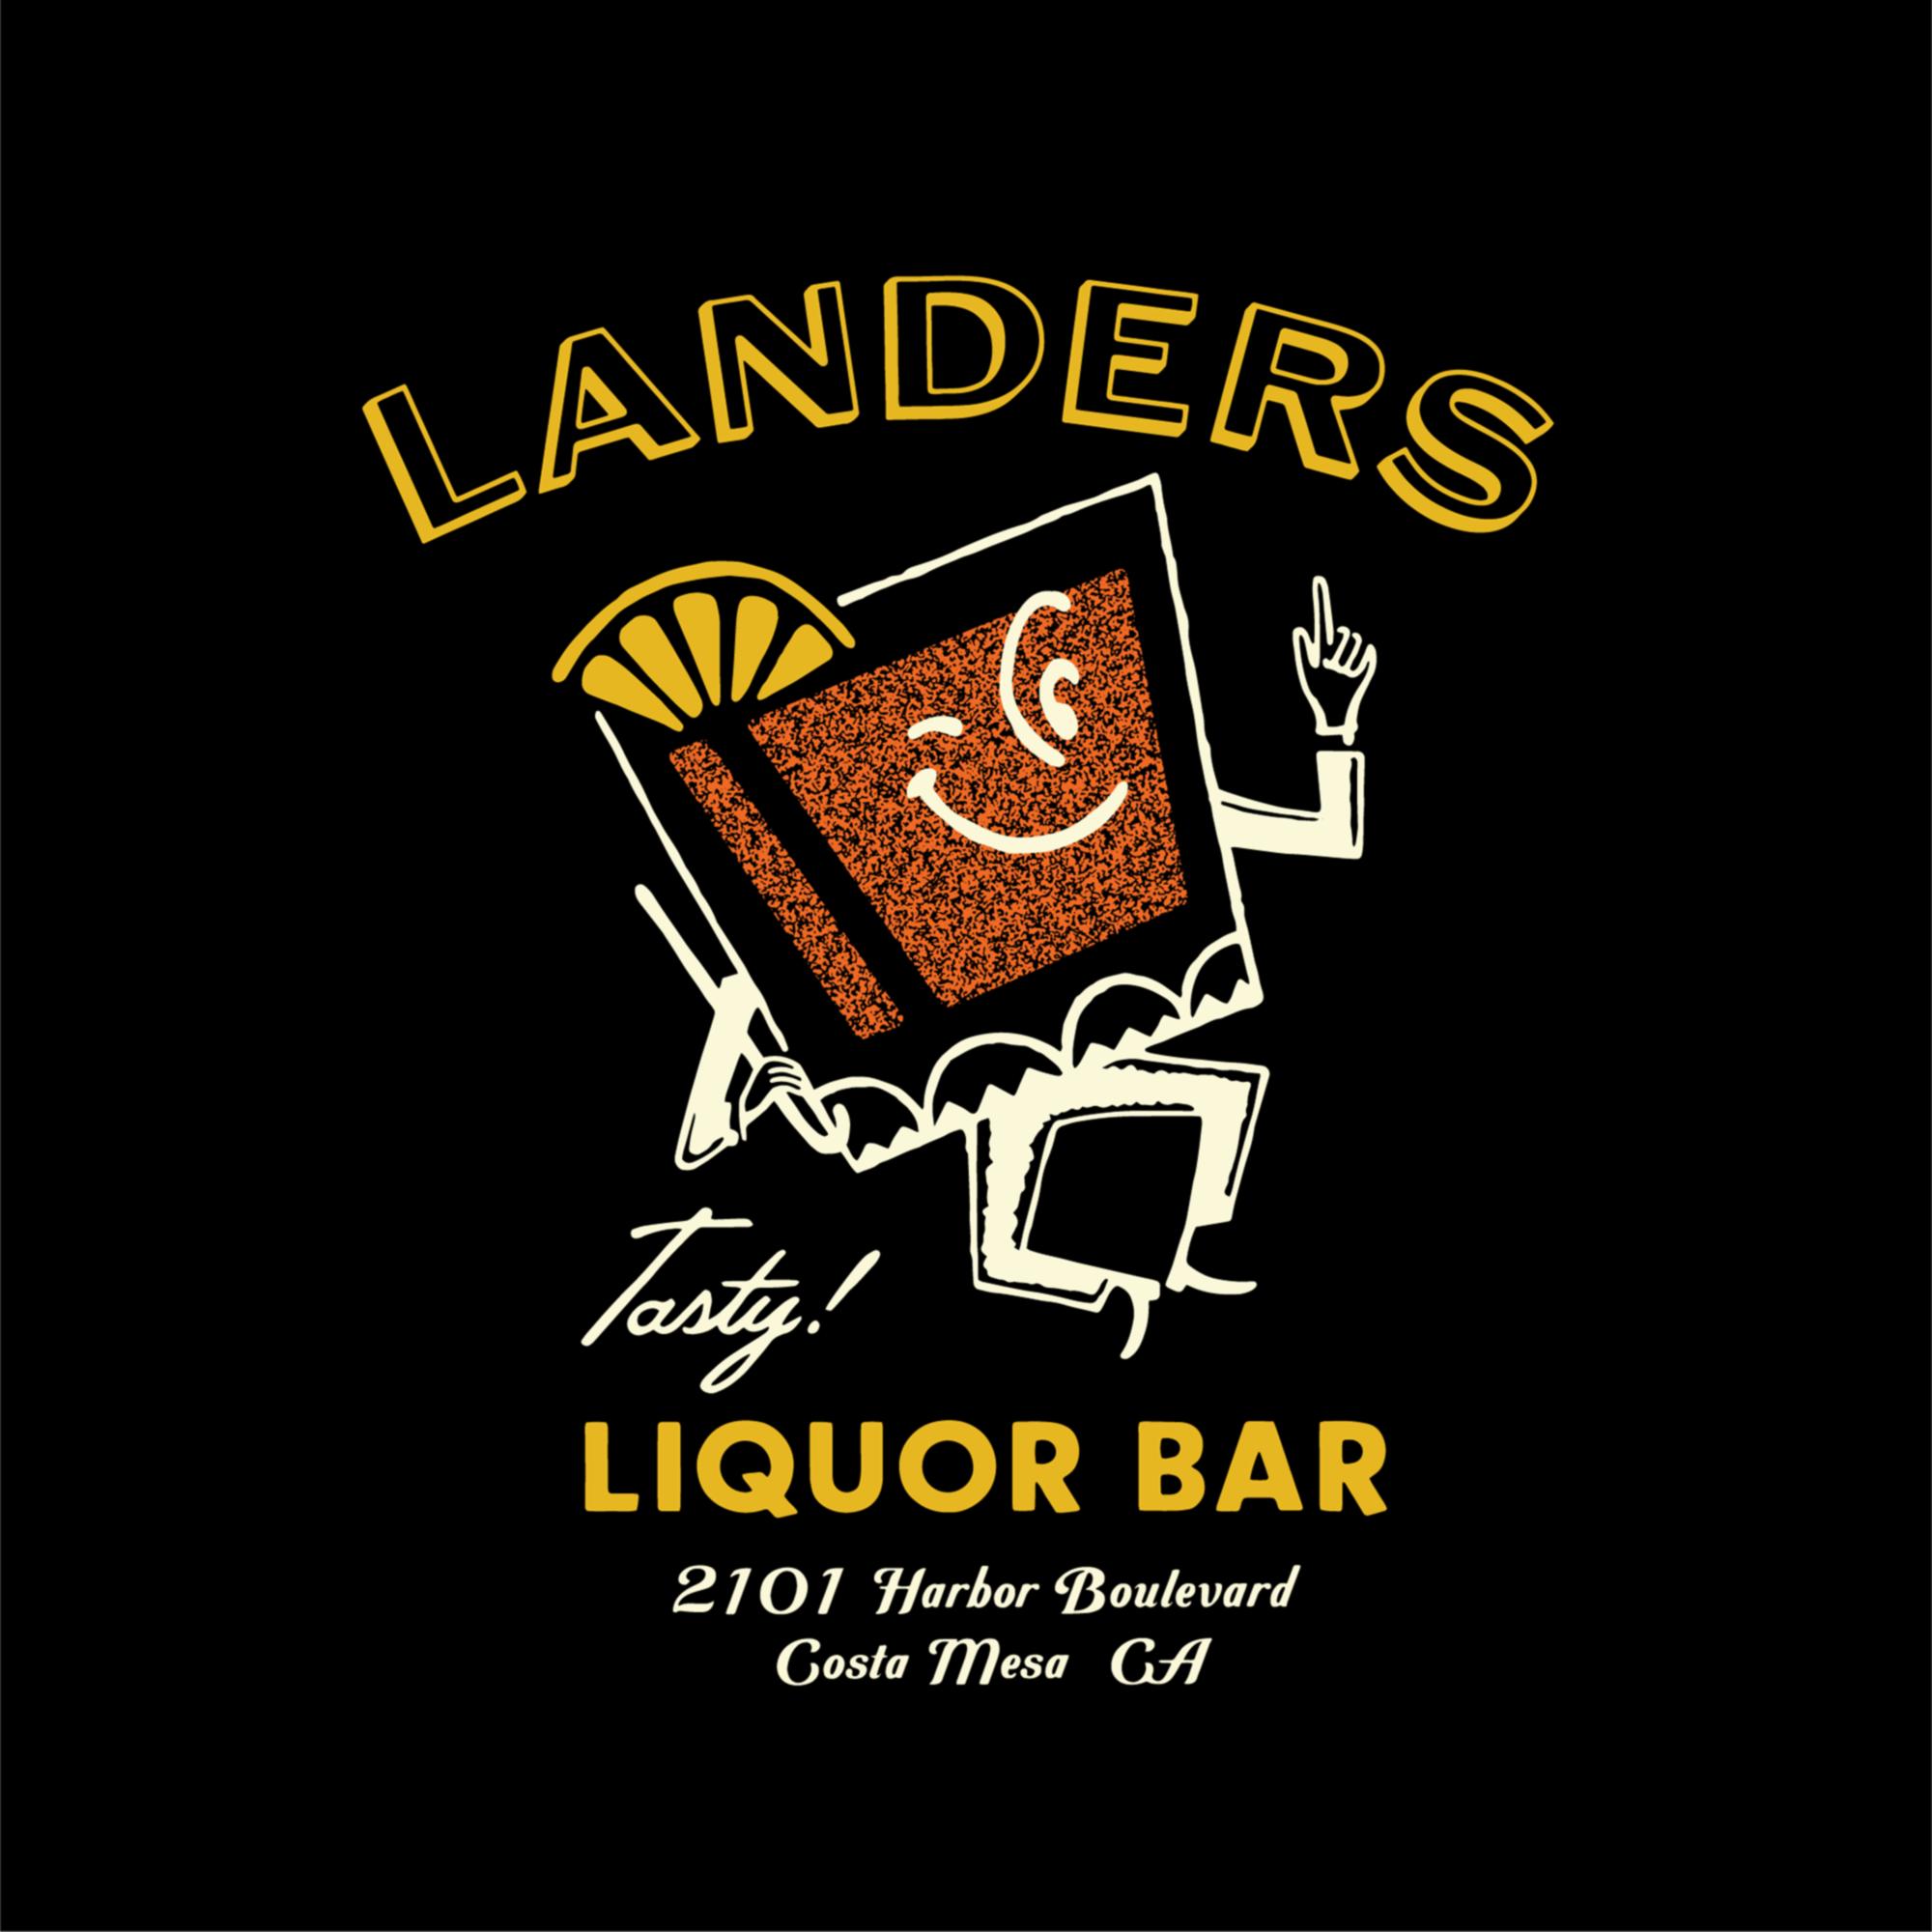 Landersliquorbar dribbble schubertstudio05